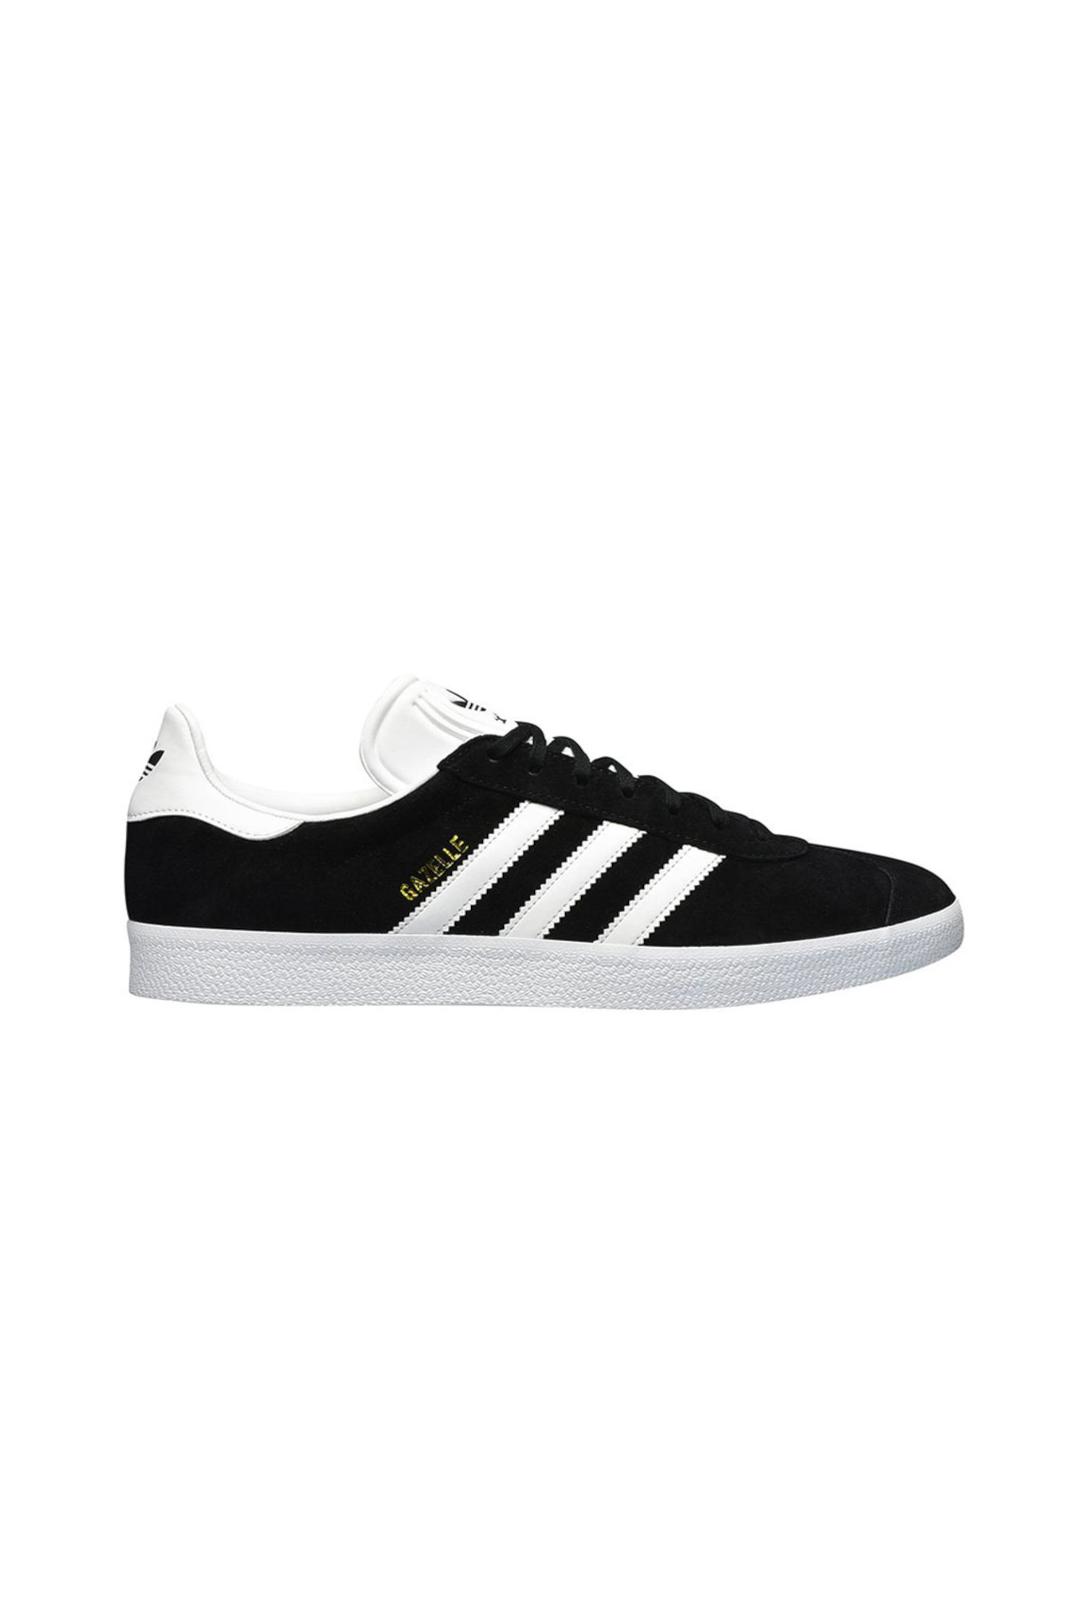 Delle sneakers iconiche le Gazzelle firmate Adidas Originals, perfette per uno stile retrò sempre in voga. Un remake della scarpa originale, rivista per un look più attuale. Le stripes laterali, e il logo inciso, sono i dettagli inconfondibili i questa calzatura.